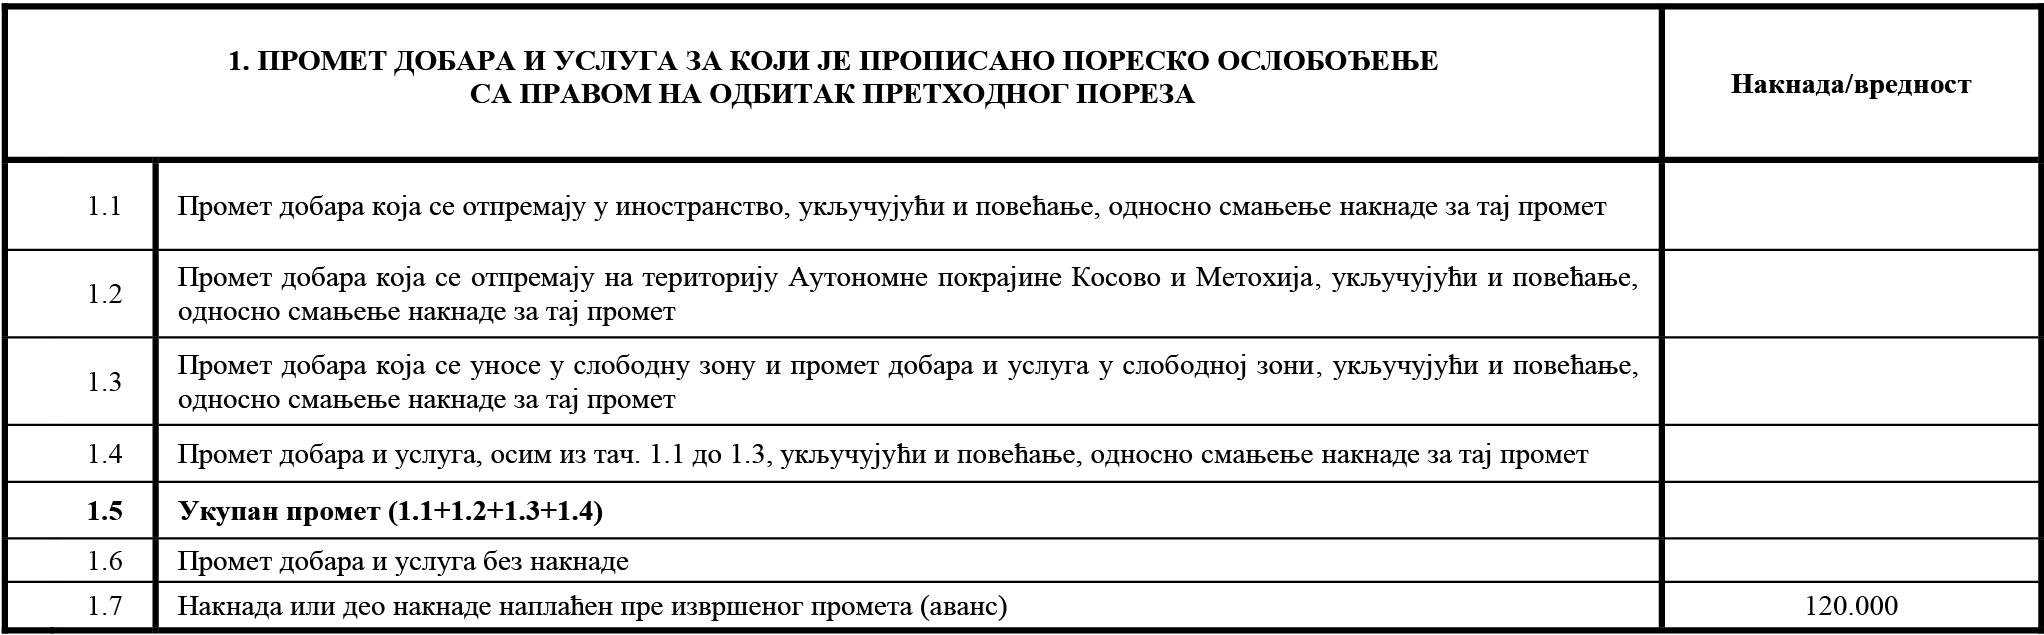 uputstvo PU obrazac POPDV II primer 26